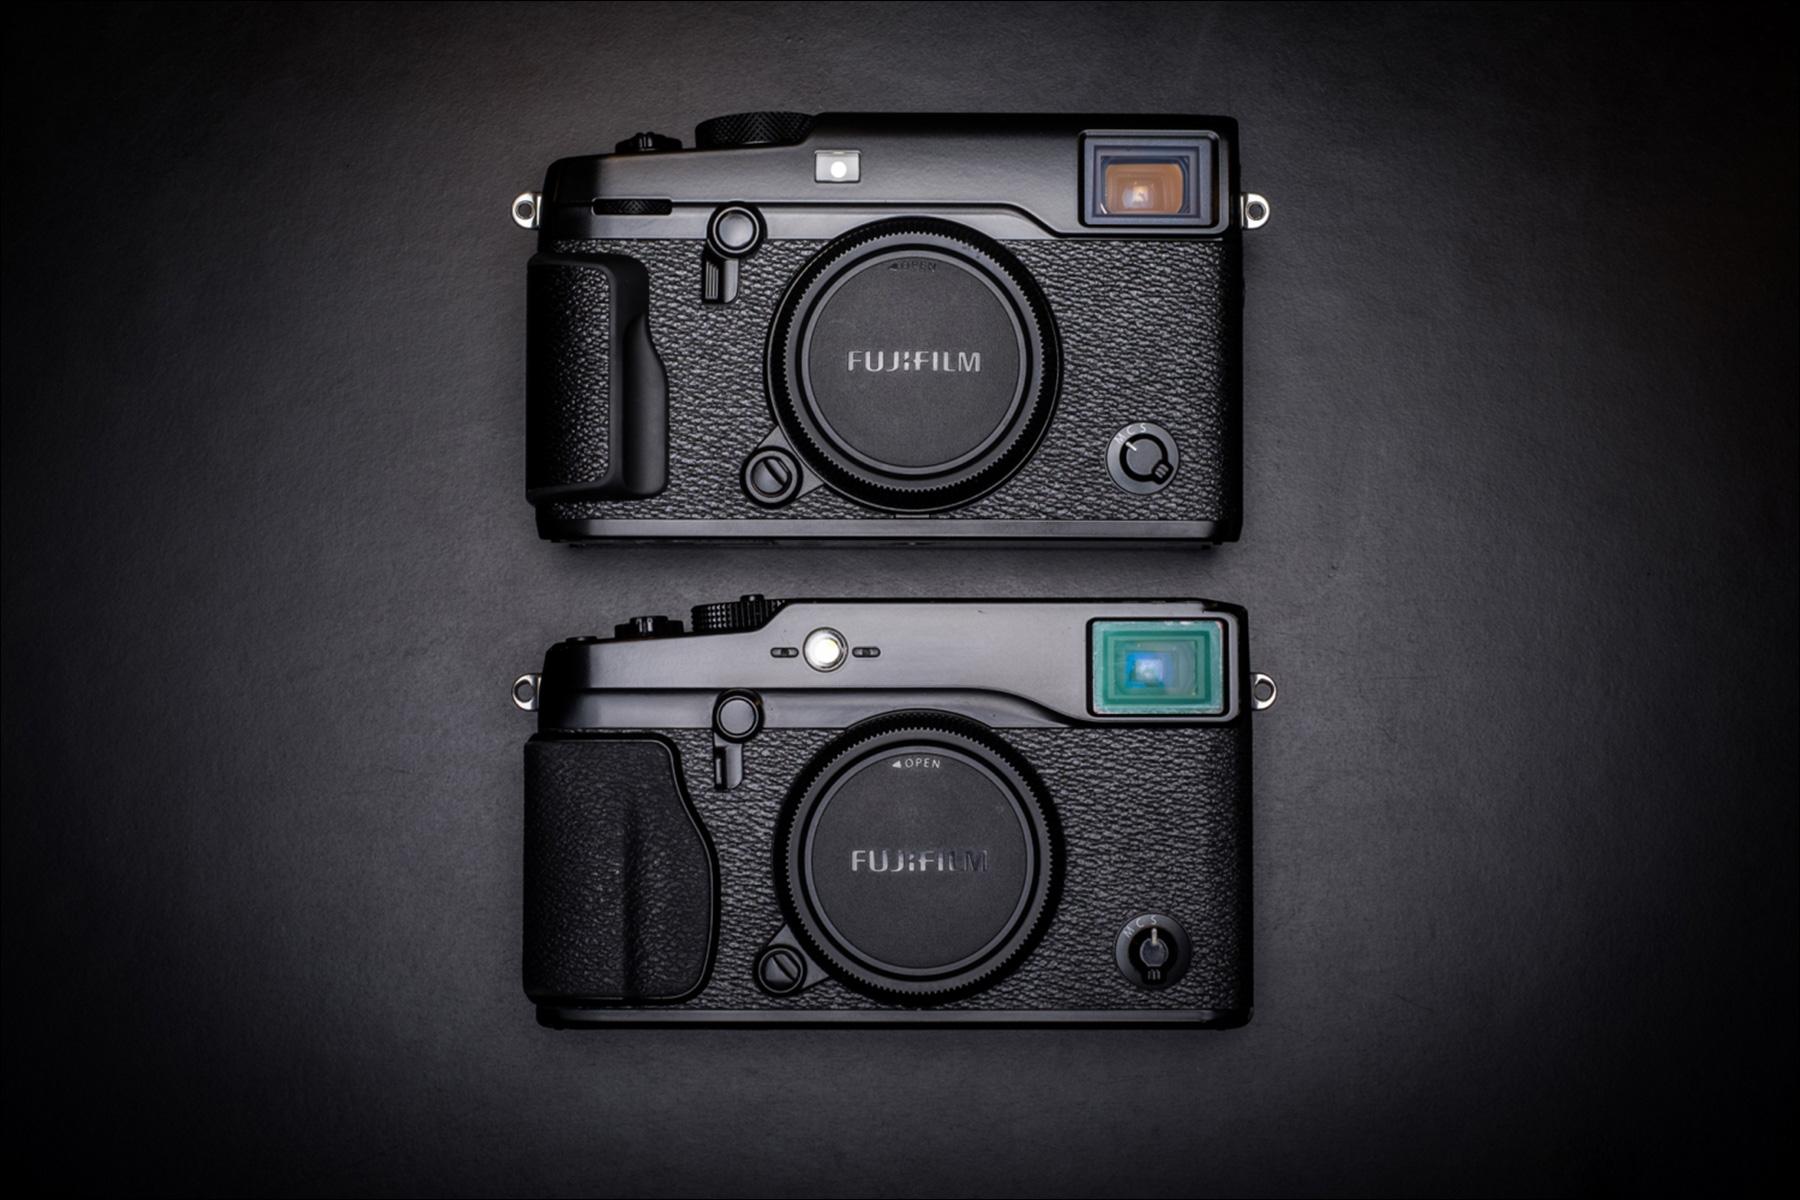 музыкальные поздравления тесты фотокамер разных цен желаем море счастья